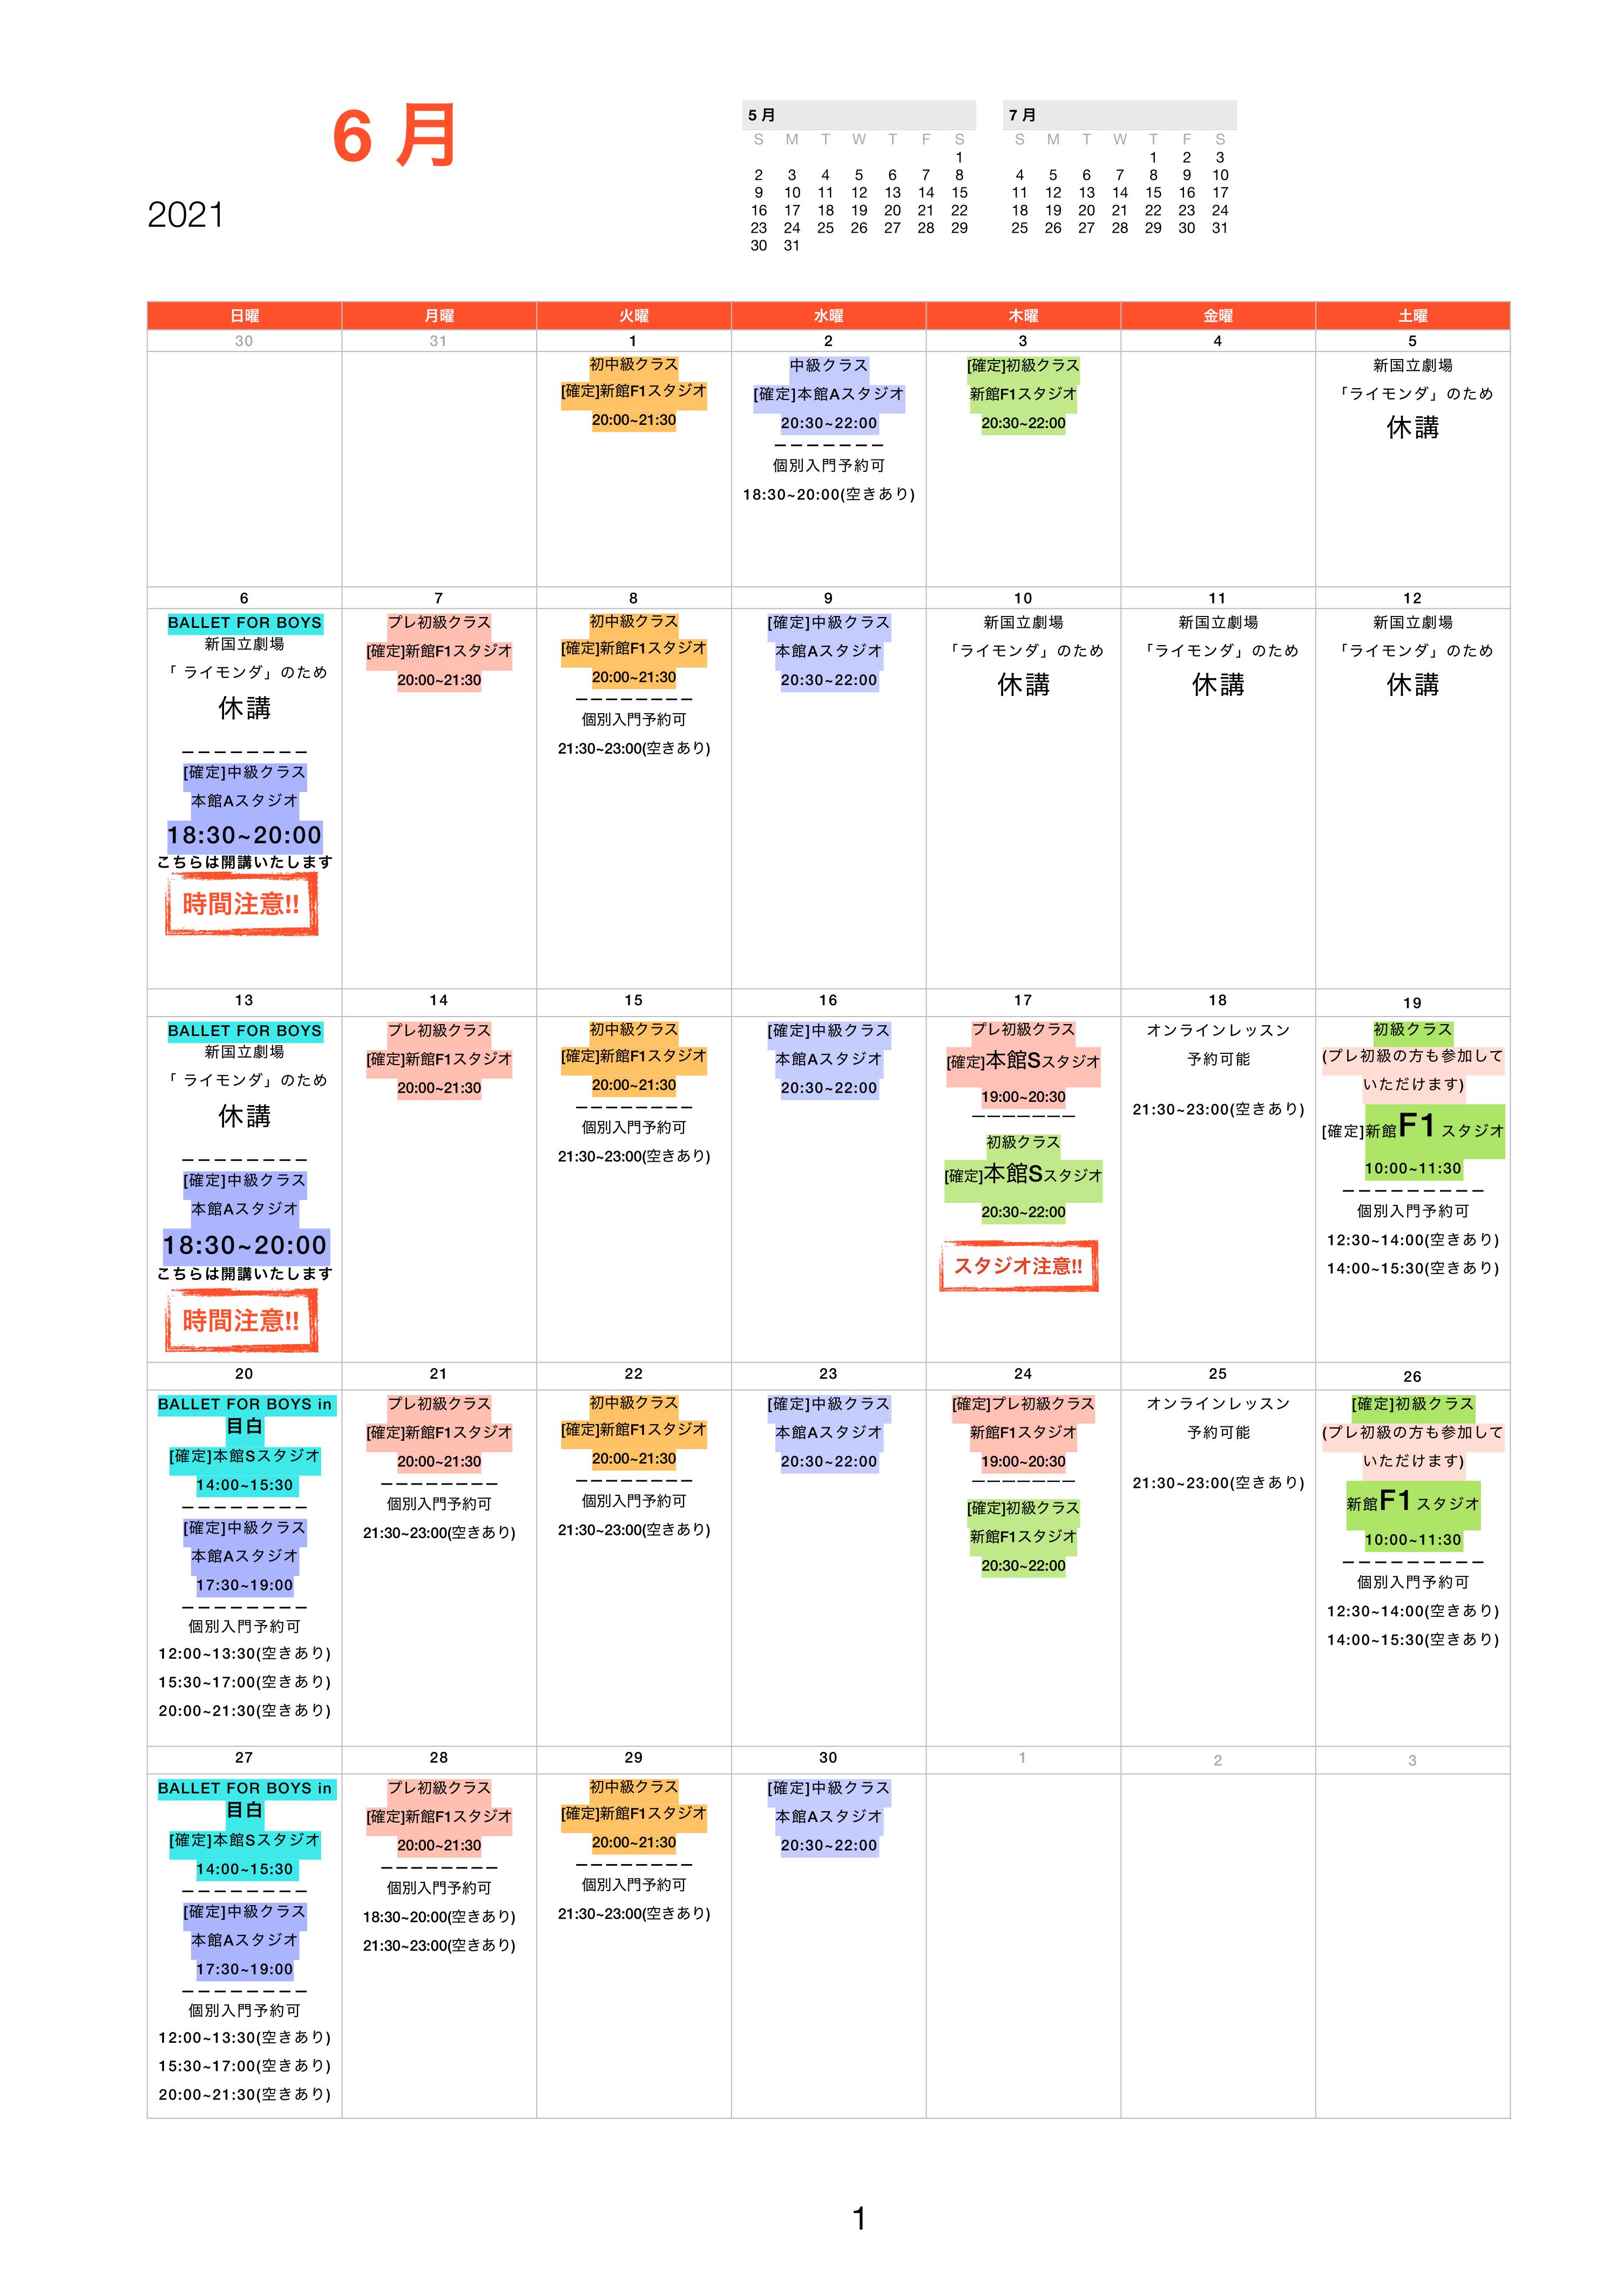 BFMsch2021:6v5-1